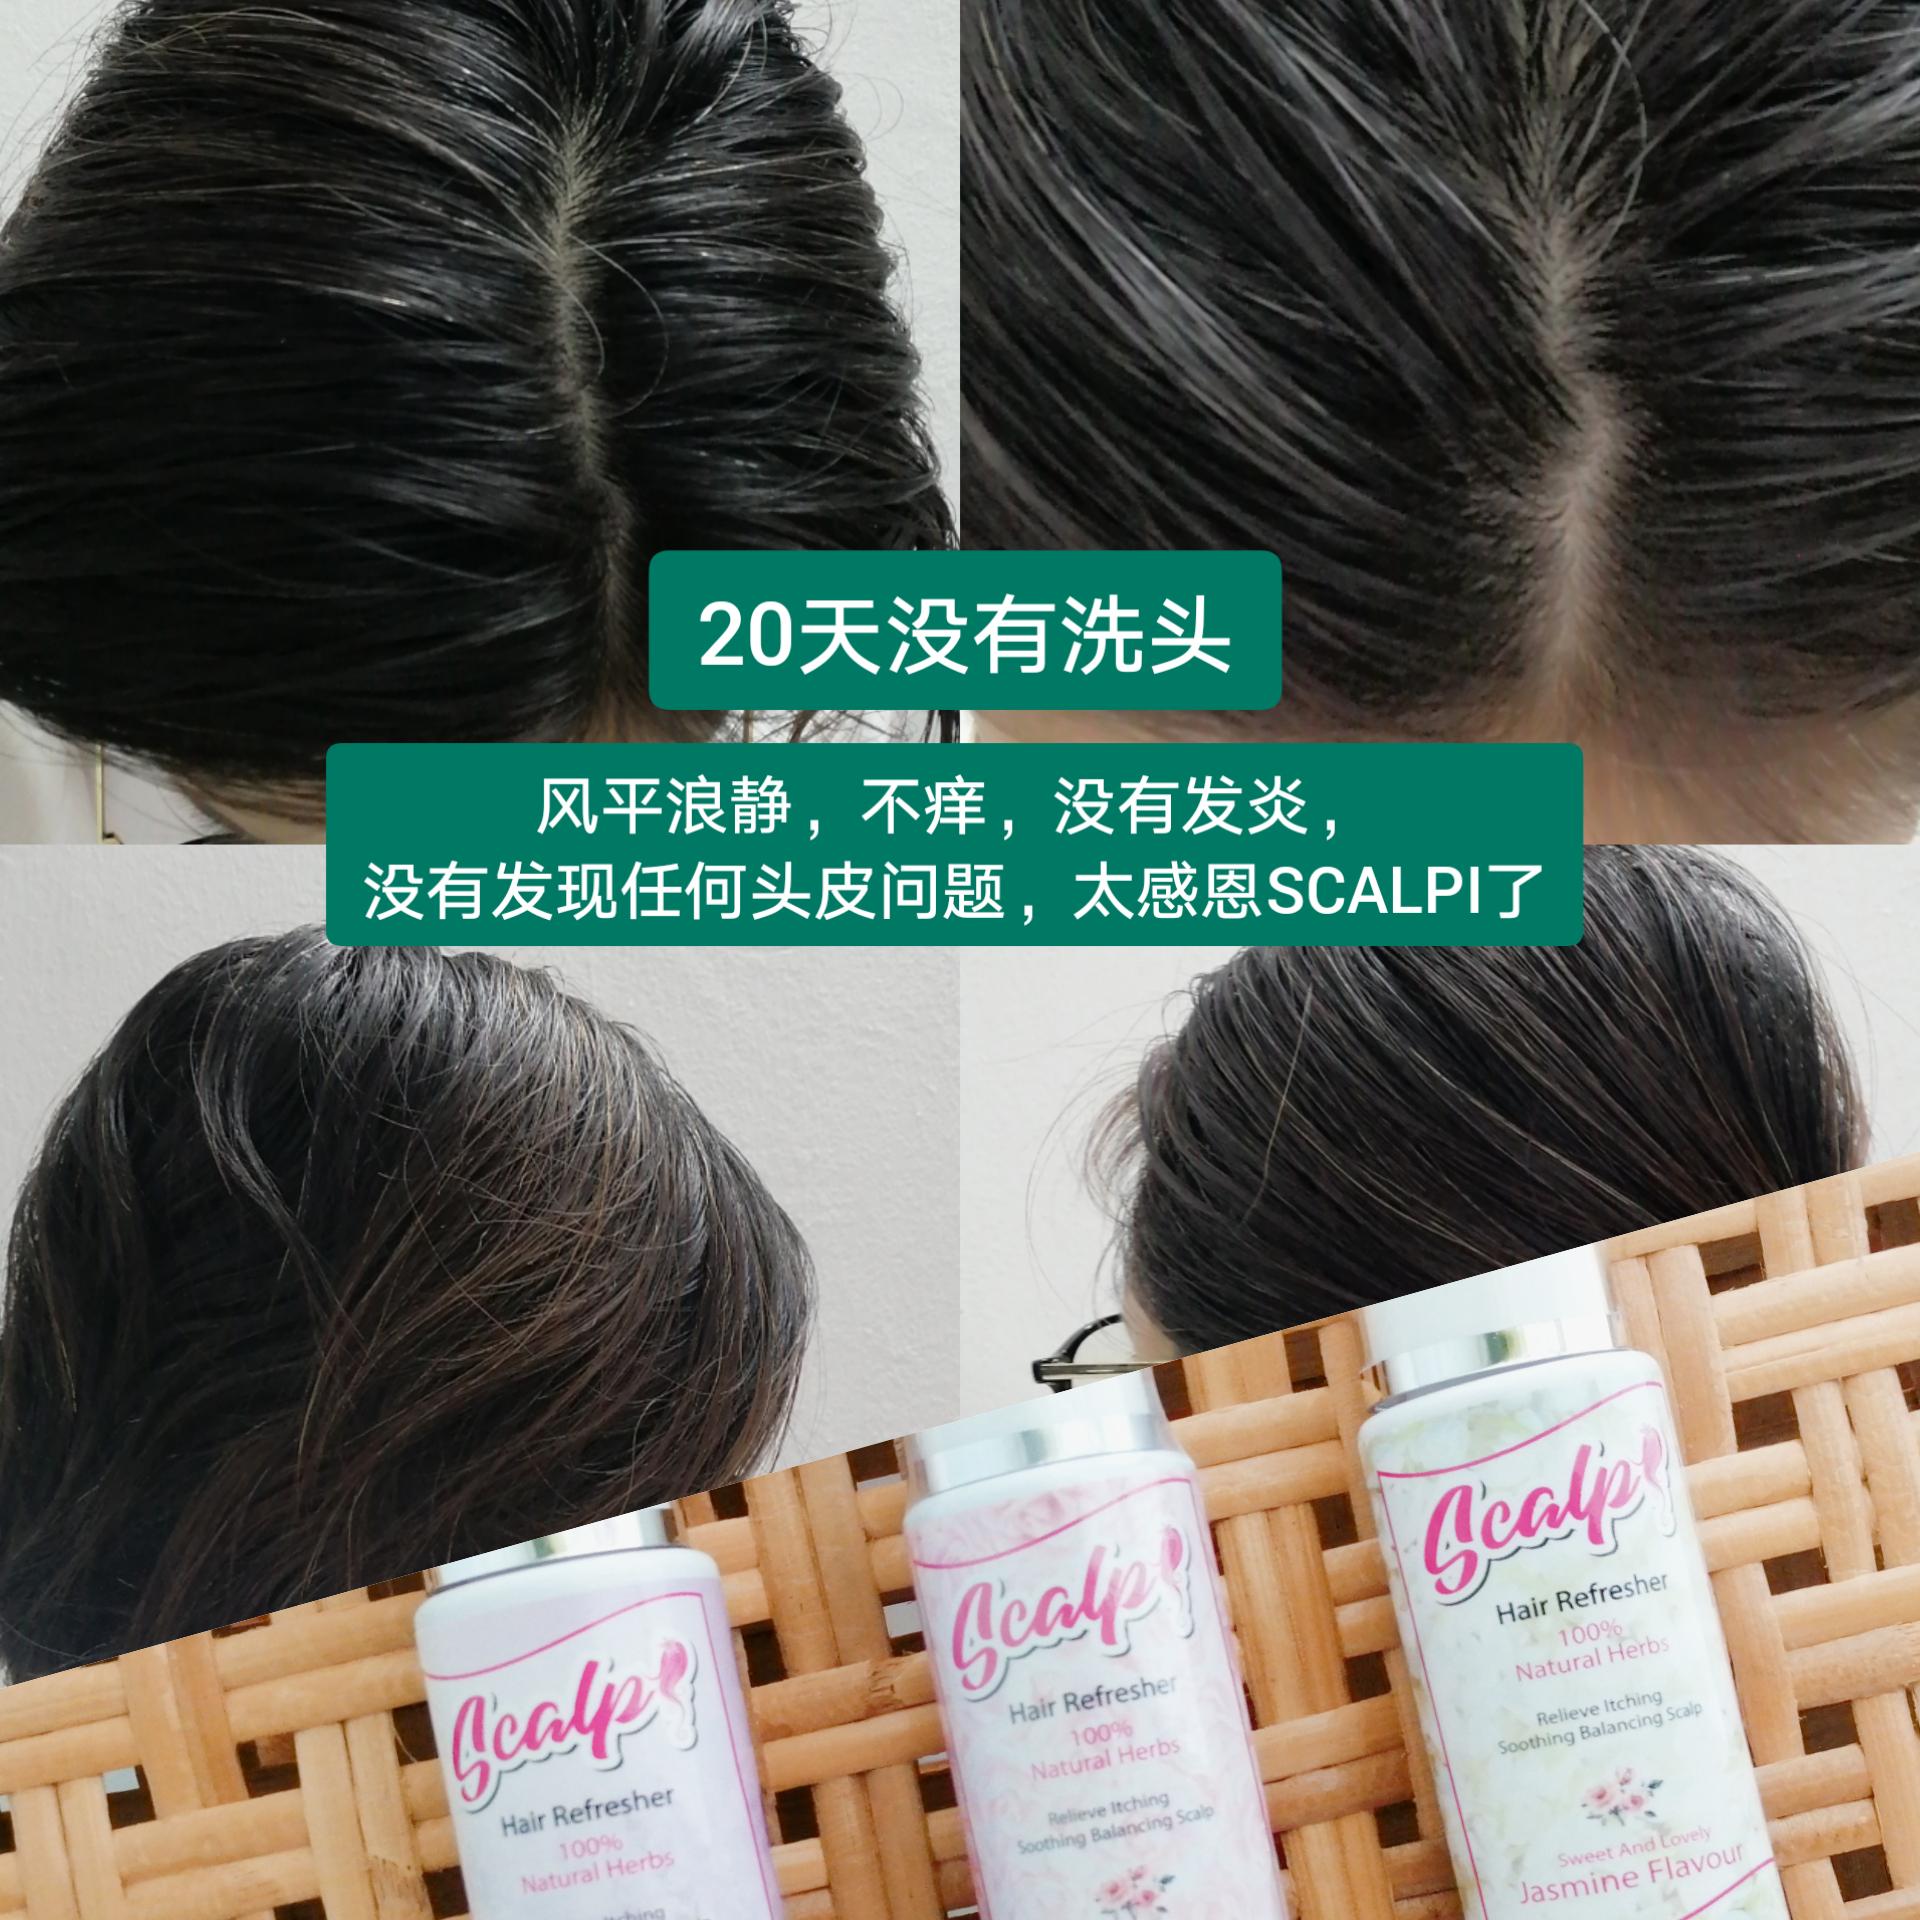 Scalpi Hair Refresher